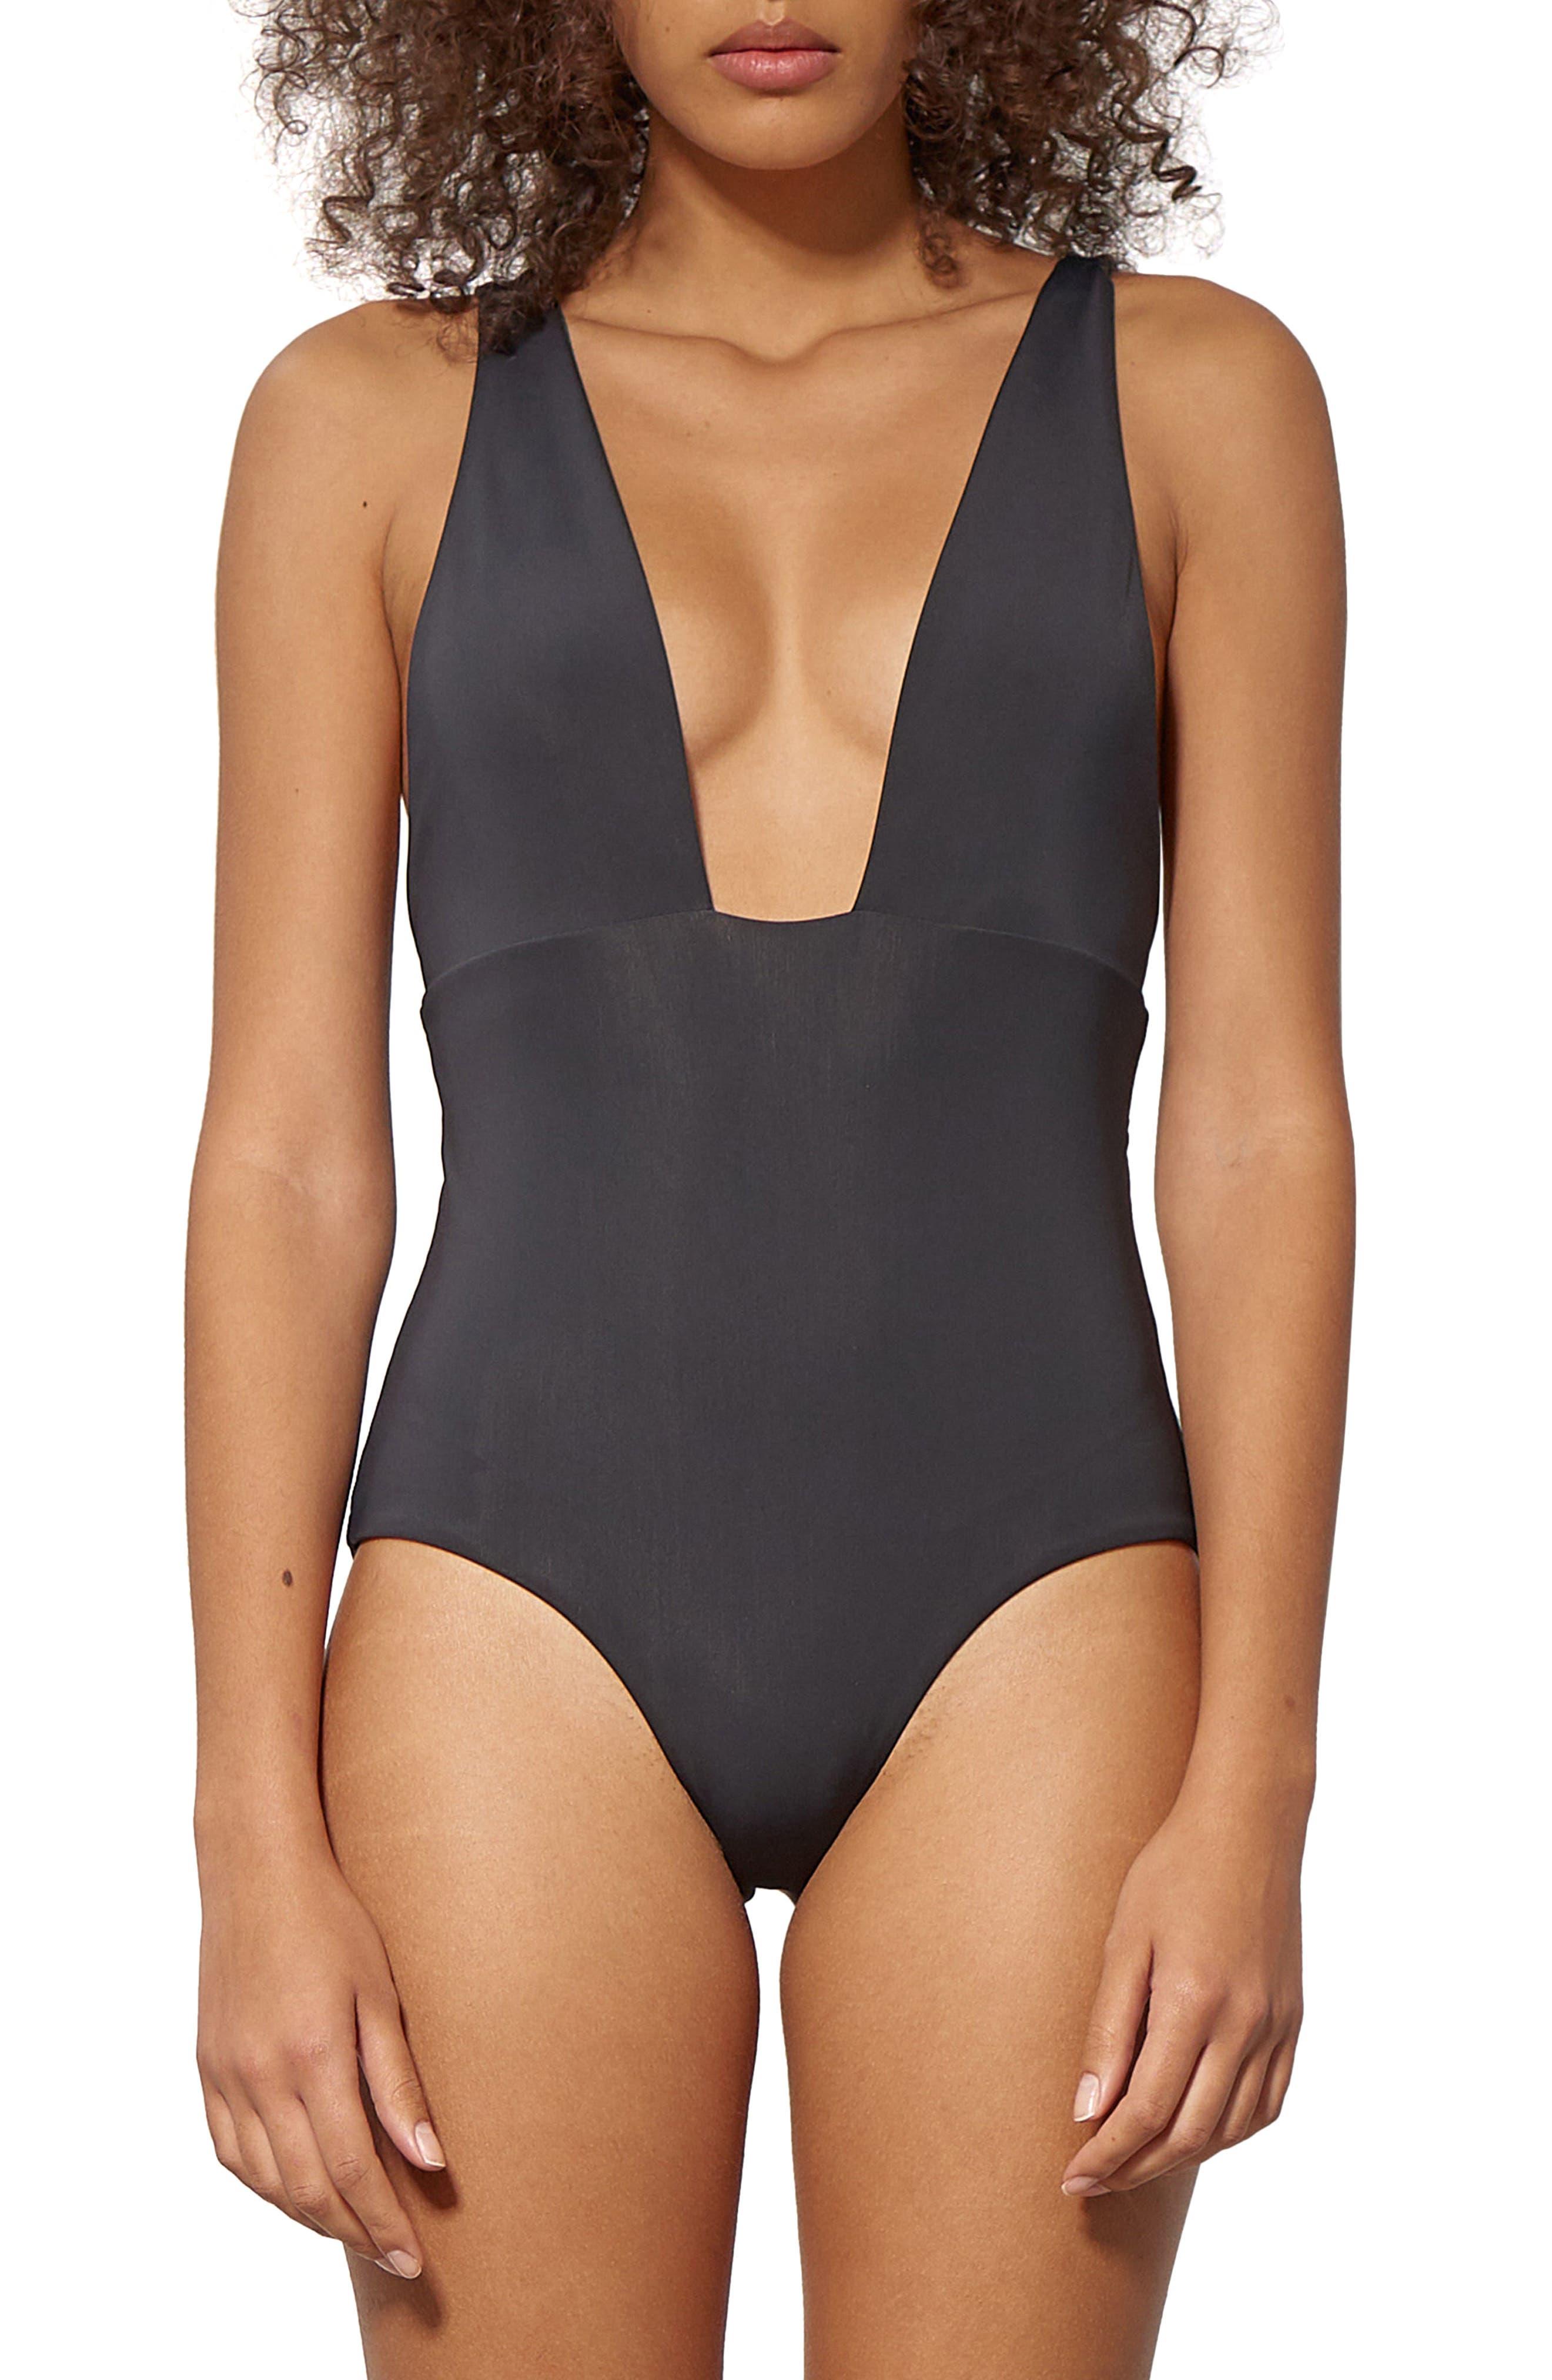 Audrey One-Piece Swimsuit,                         Main,                         color, Black